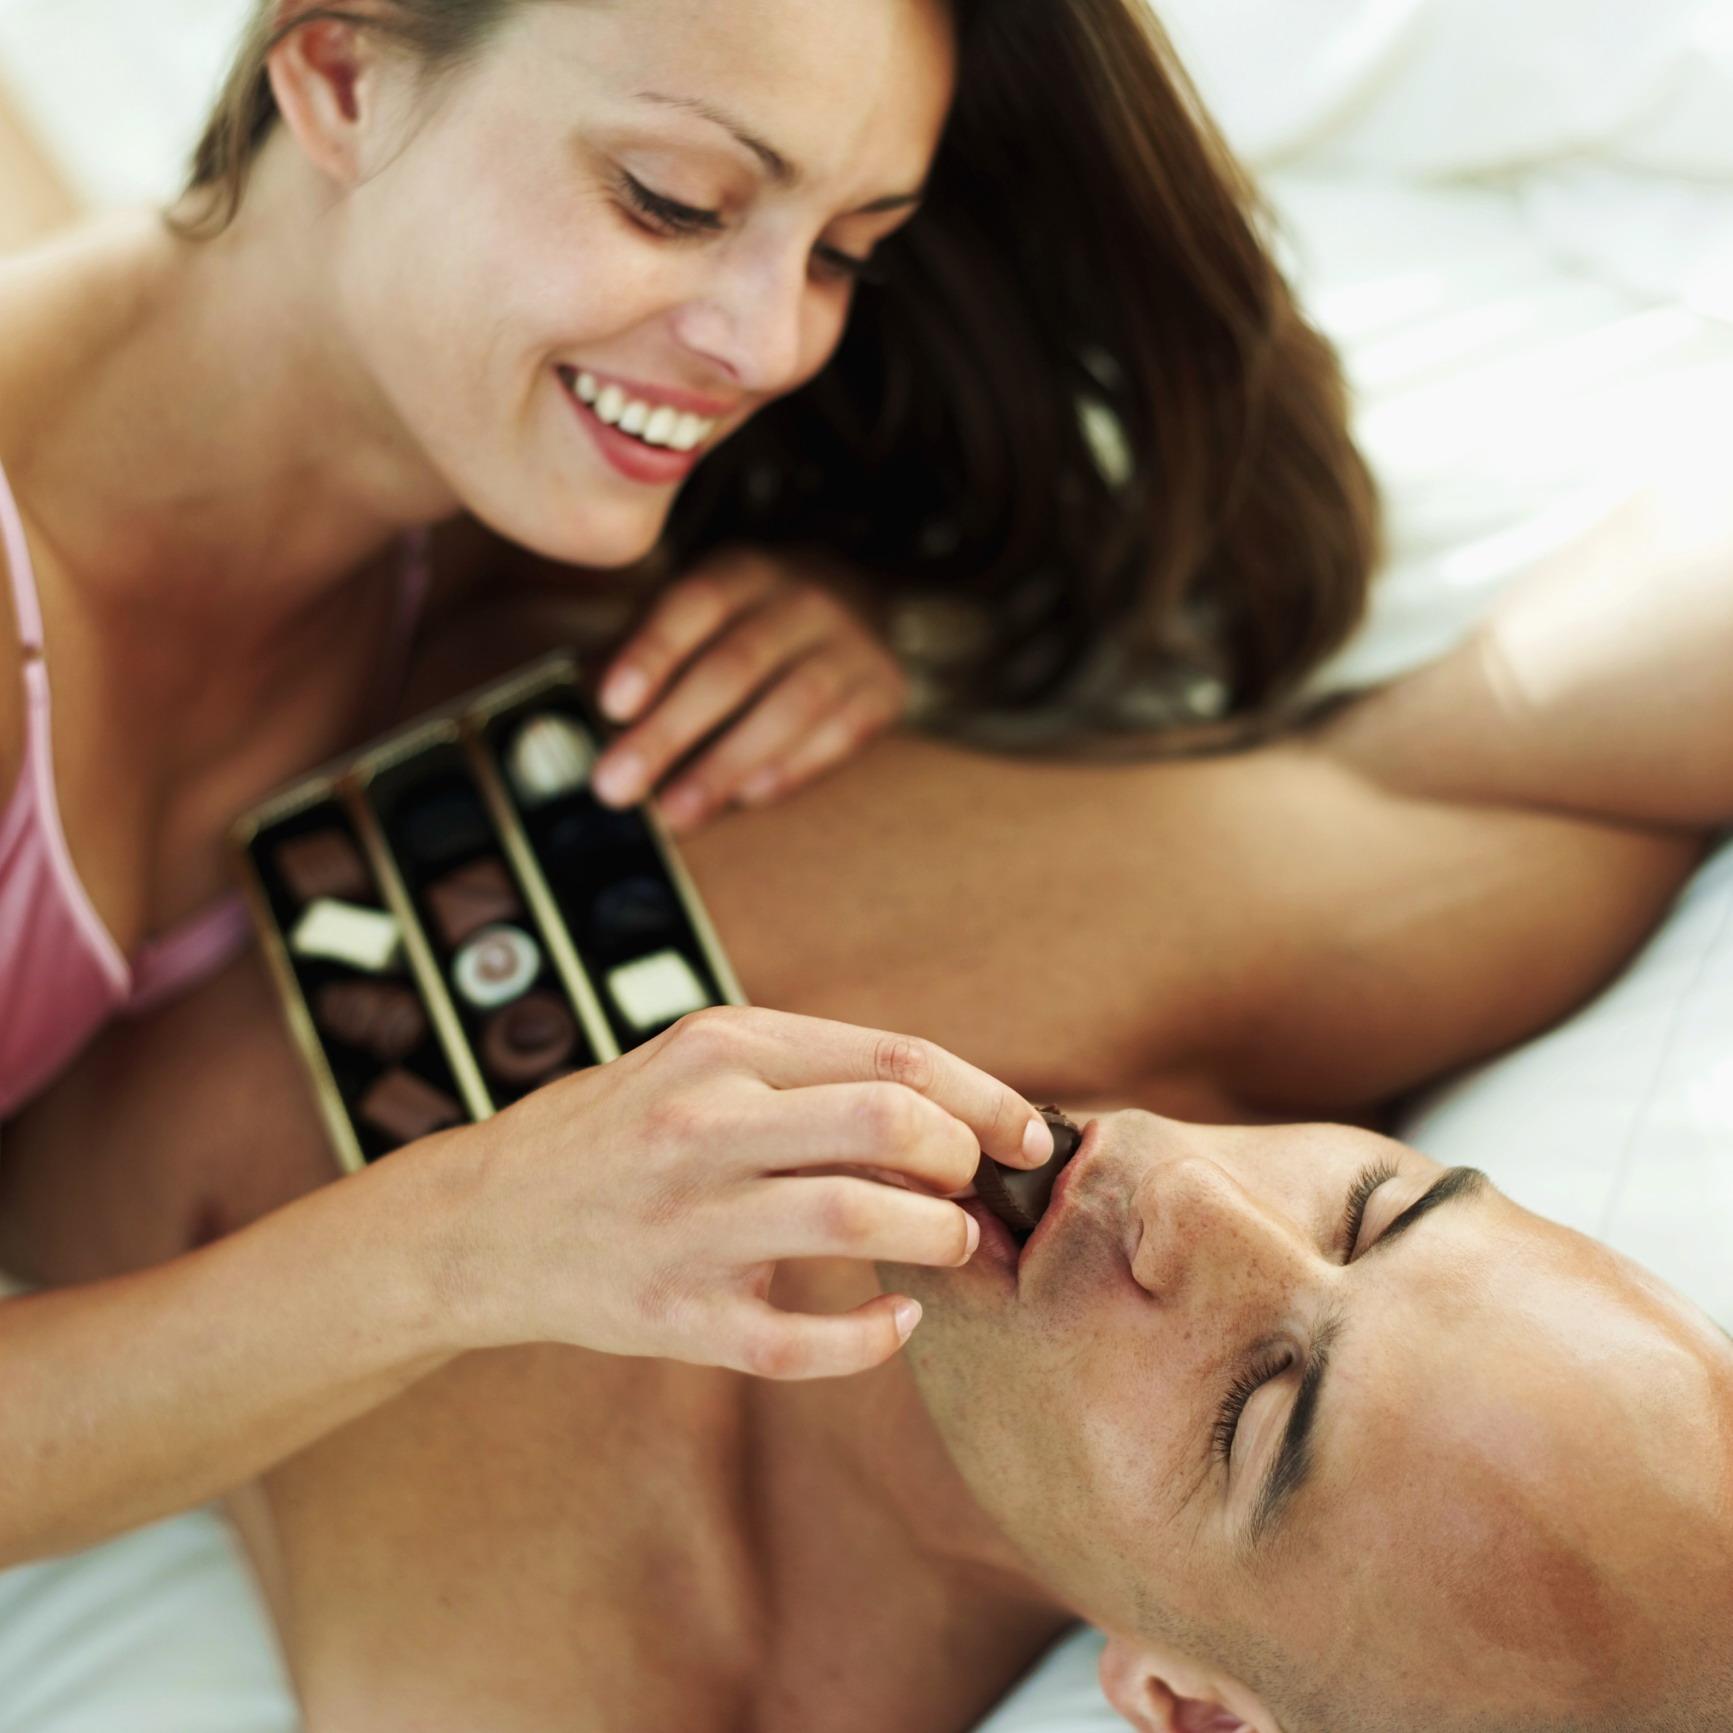 giochi di fare amore video massaggio sessuale